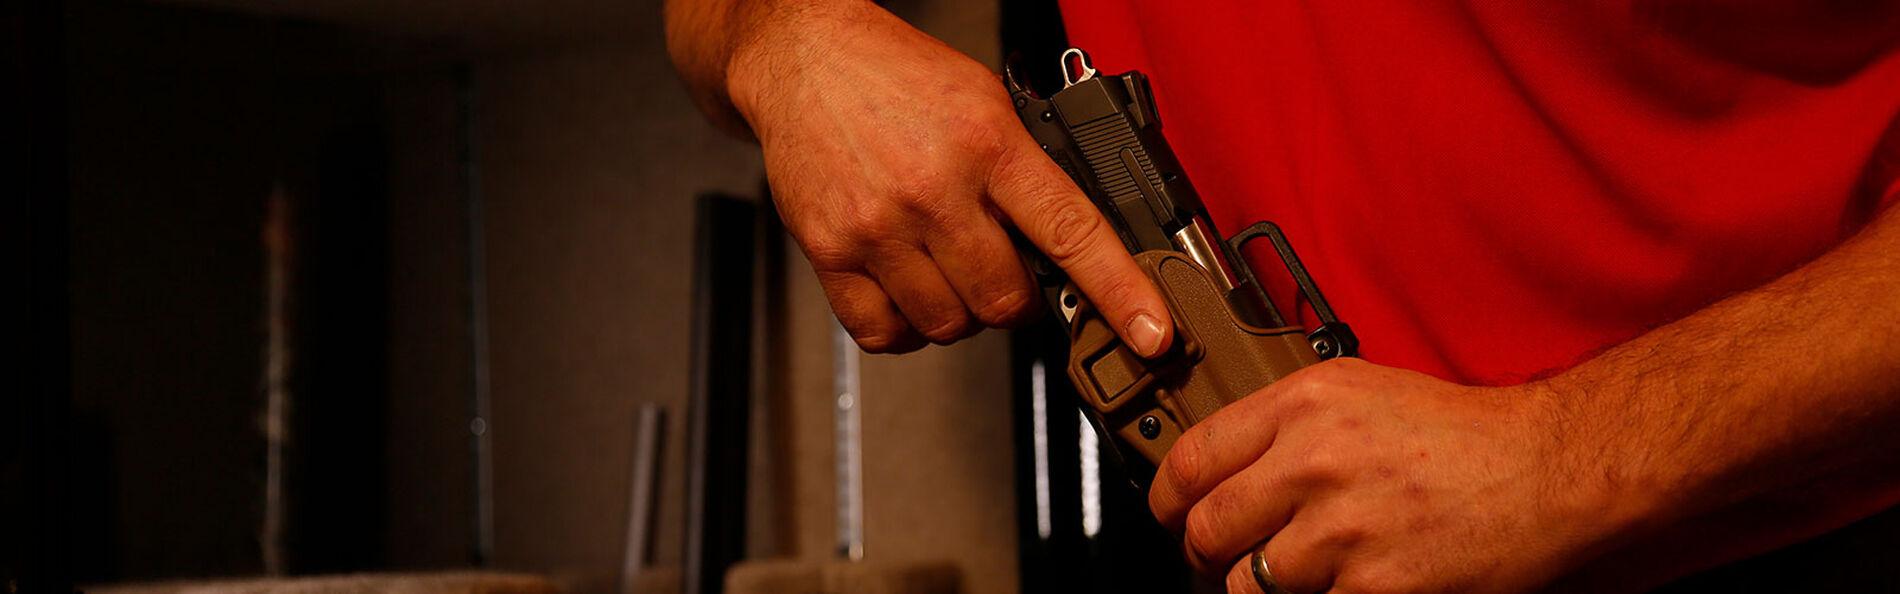 Handgun In Holster